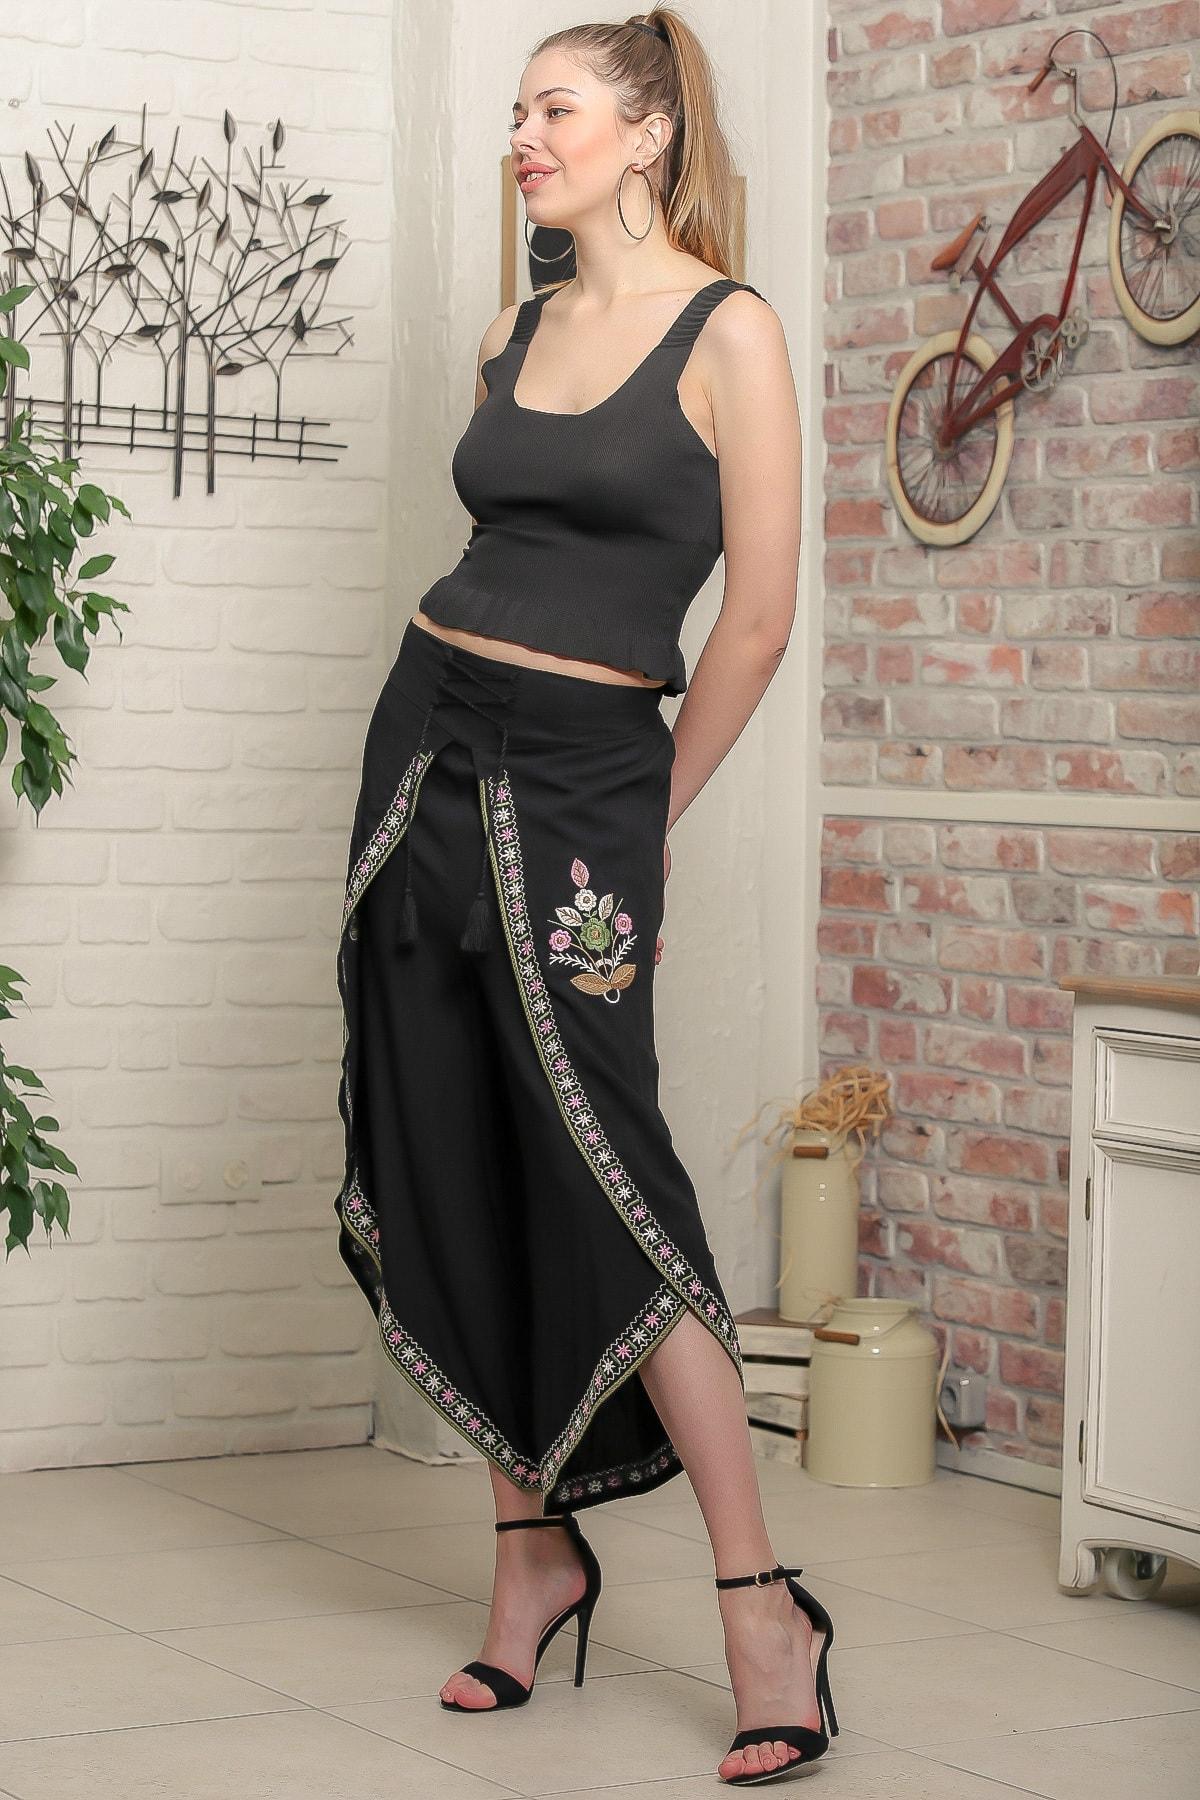 Chiccy Kadın Siyah Çiçek Nakışlı Bağlama İp Detaylı Zarf Pantolon M10060000PN98939 1